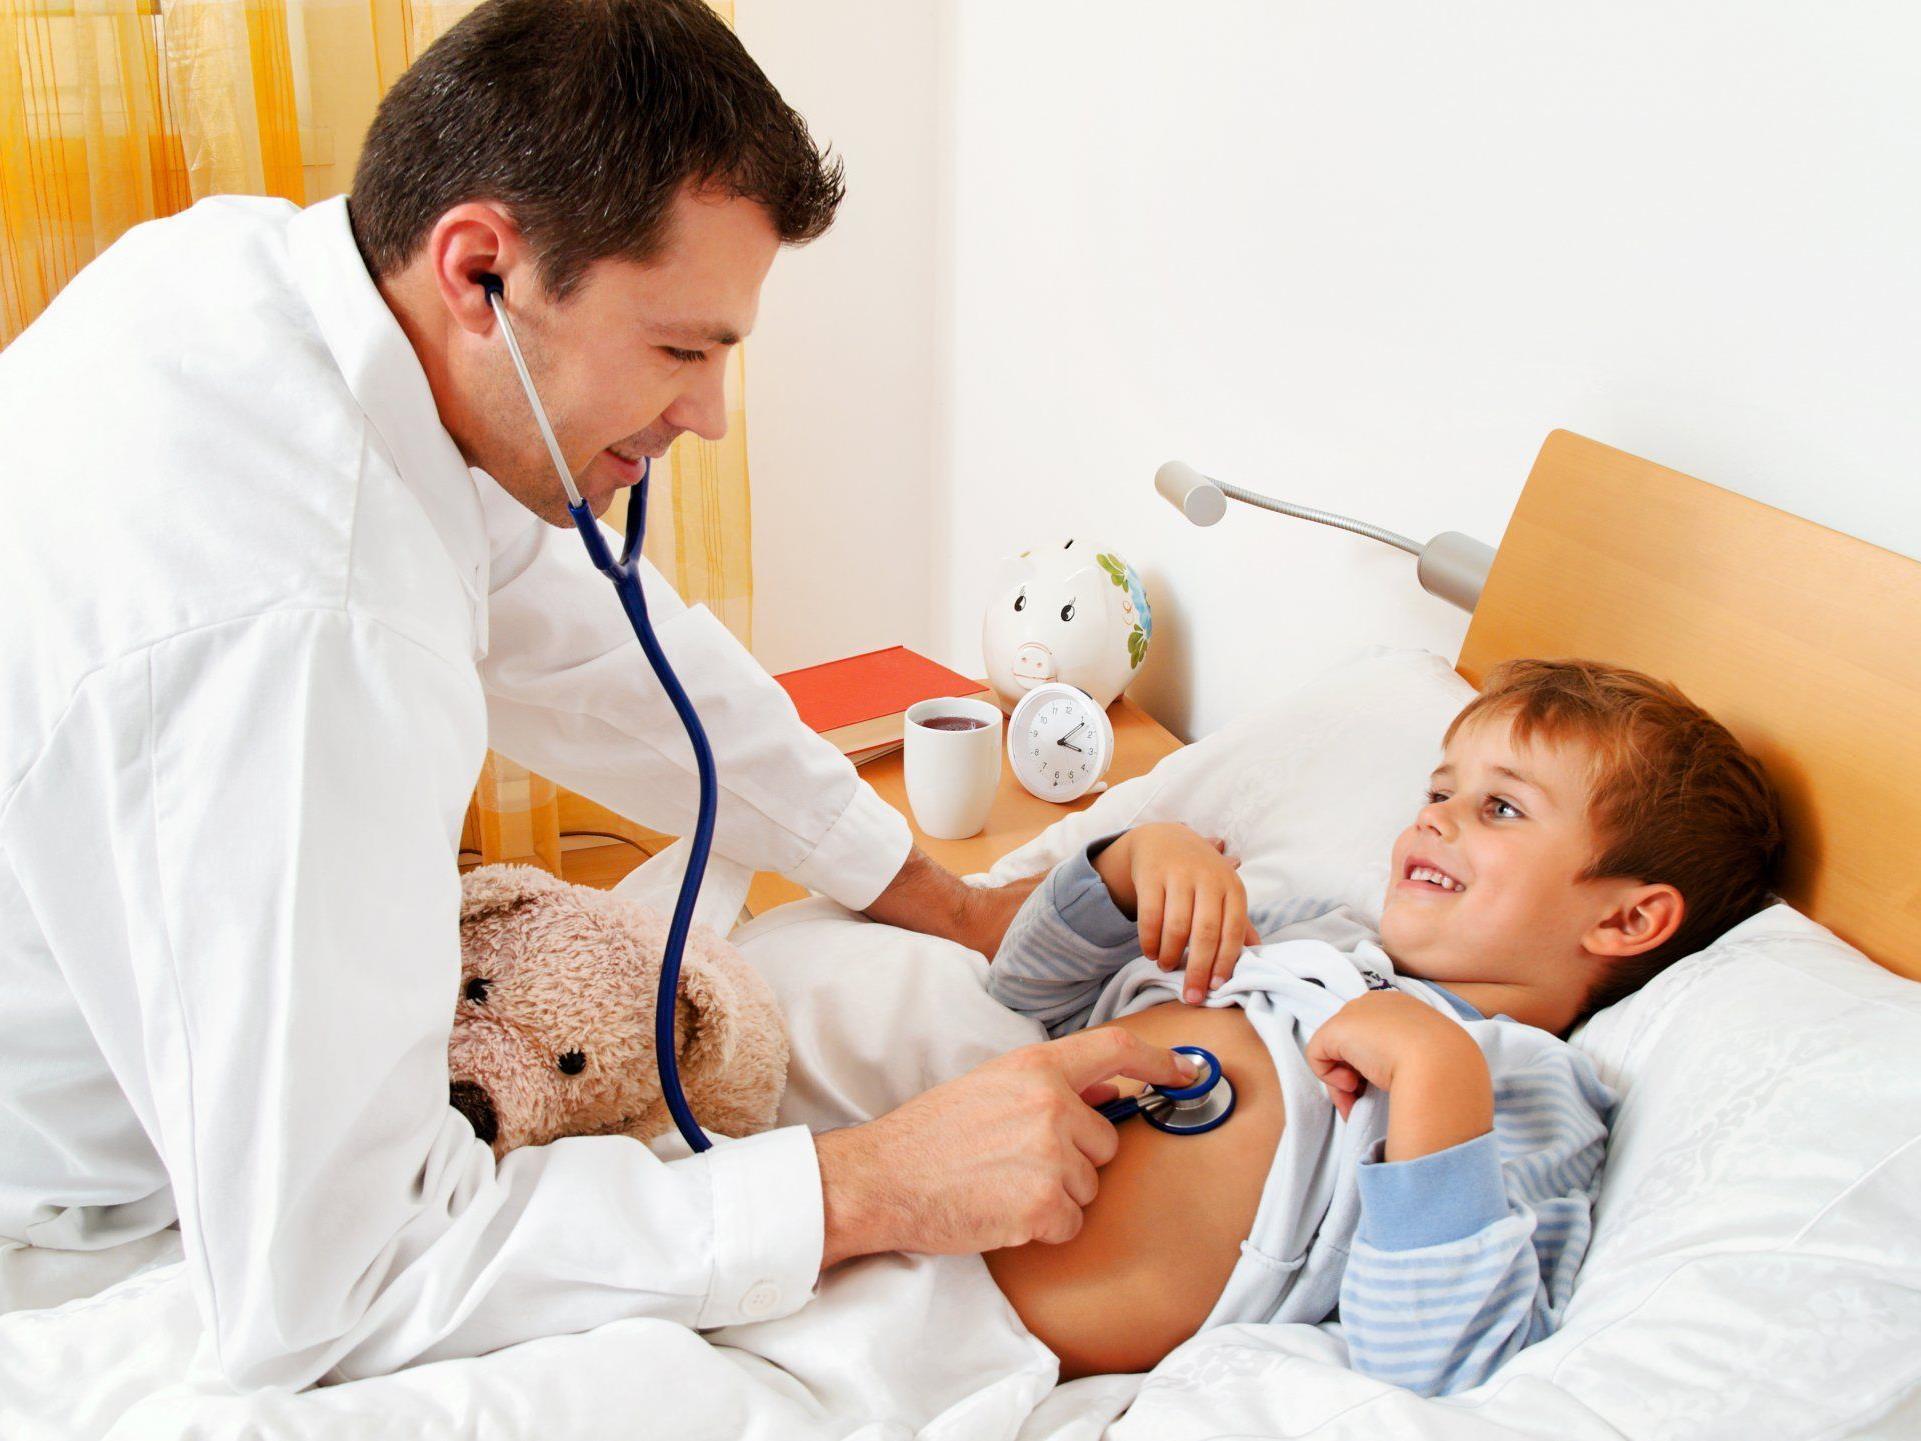 Um den Puls zu messen, braucht es keine teure Spitalsinfrastruktur.